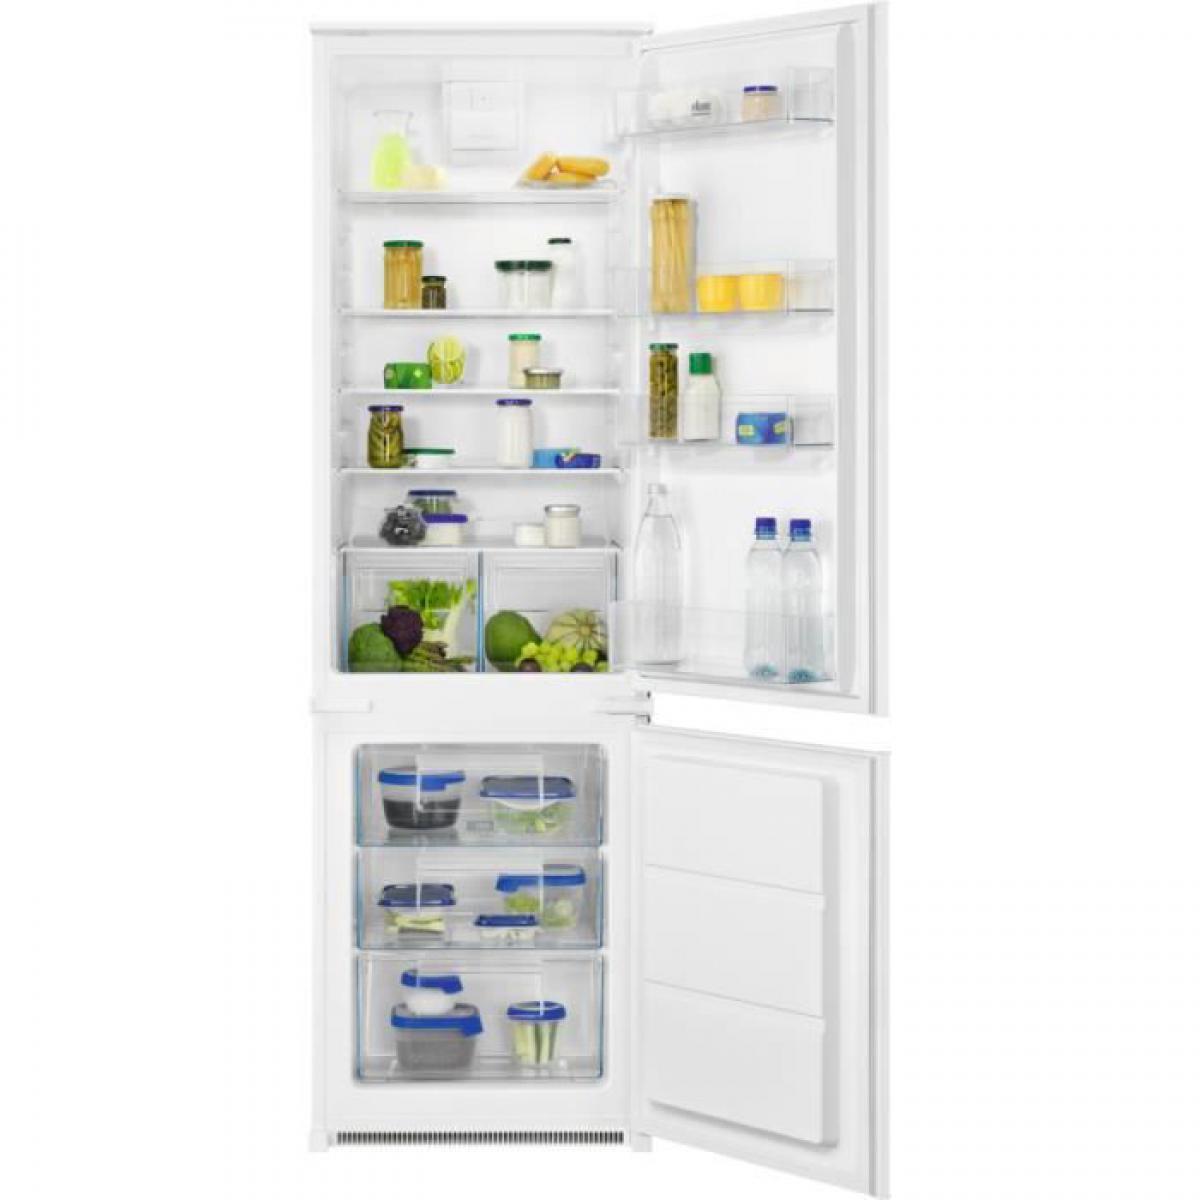 Faure FAURE FNFN18FS1 - Réfrigérateur congélateur bas encastrable - 267L (195+72) - Froid Brassé Statique - A+ - L 56cm x H 17